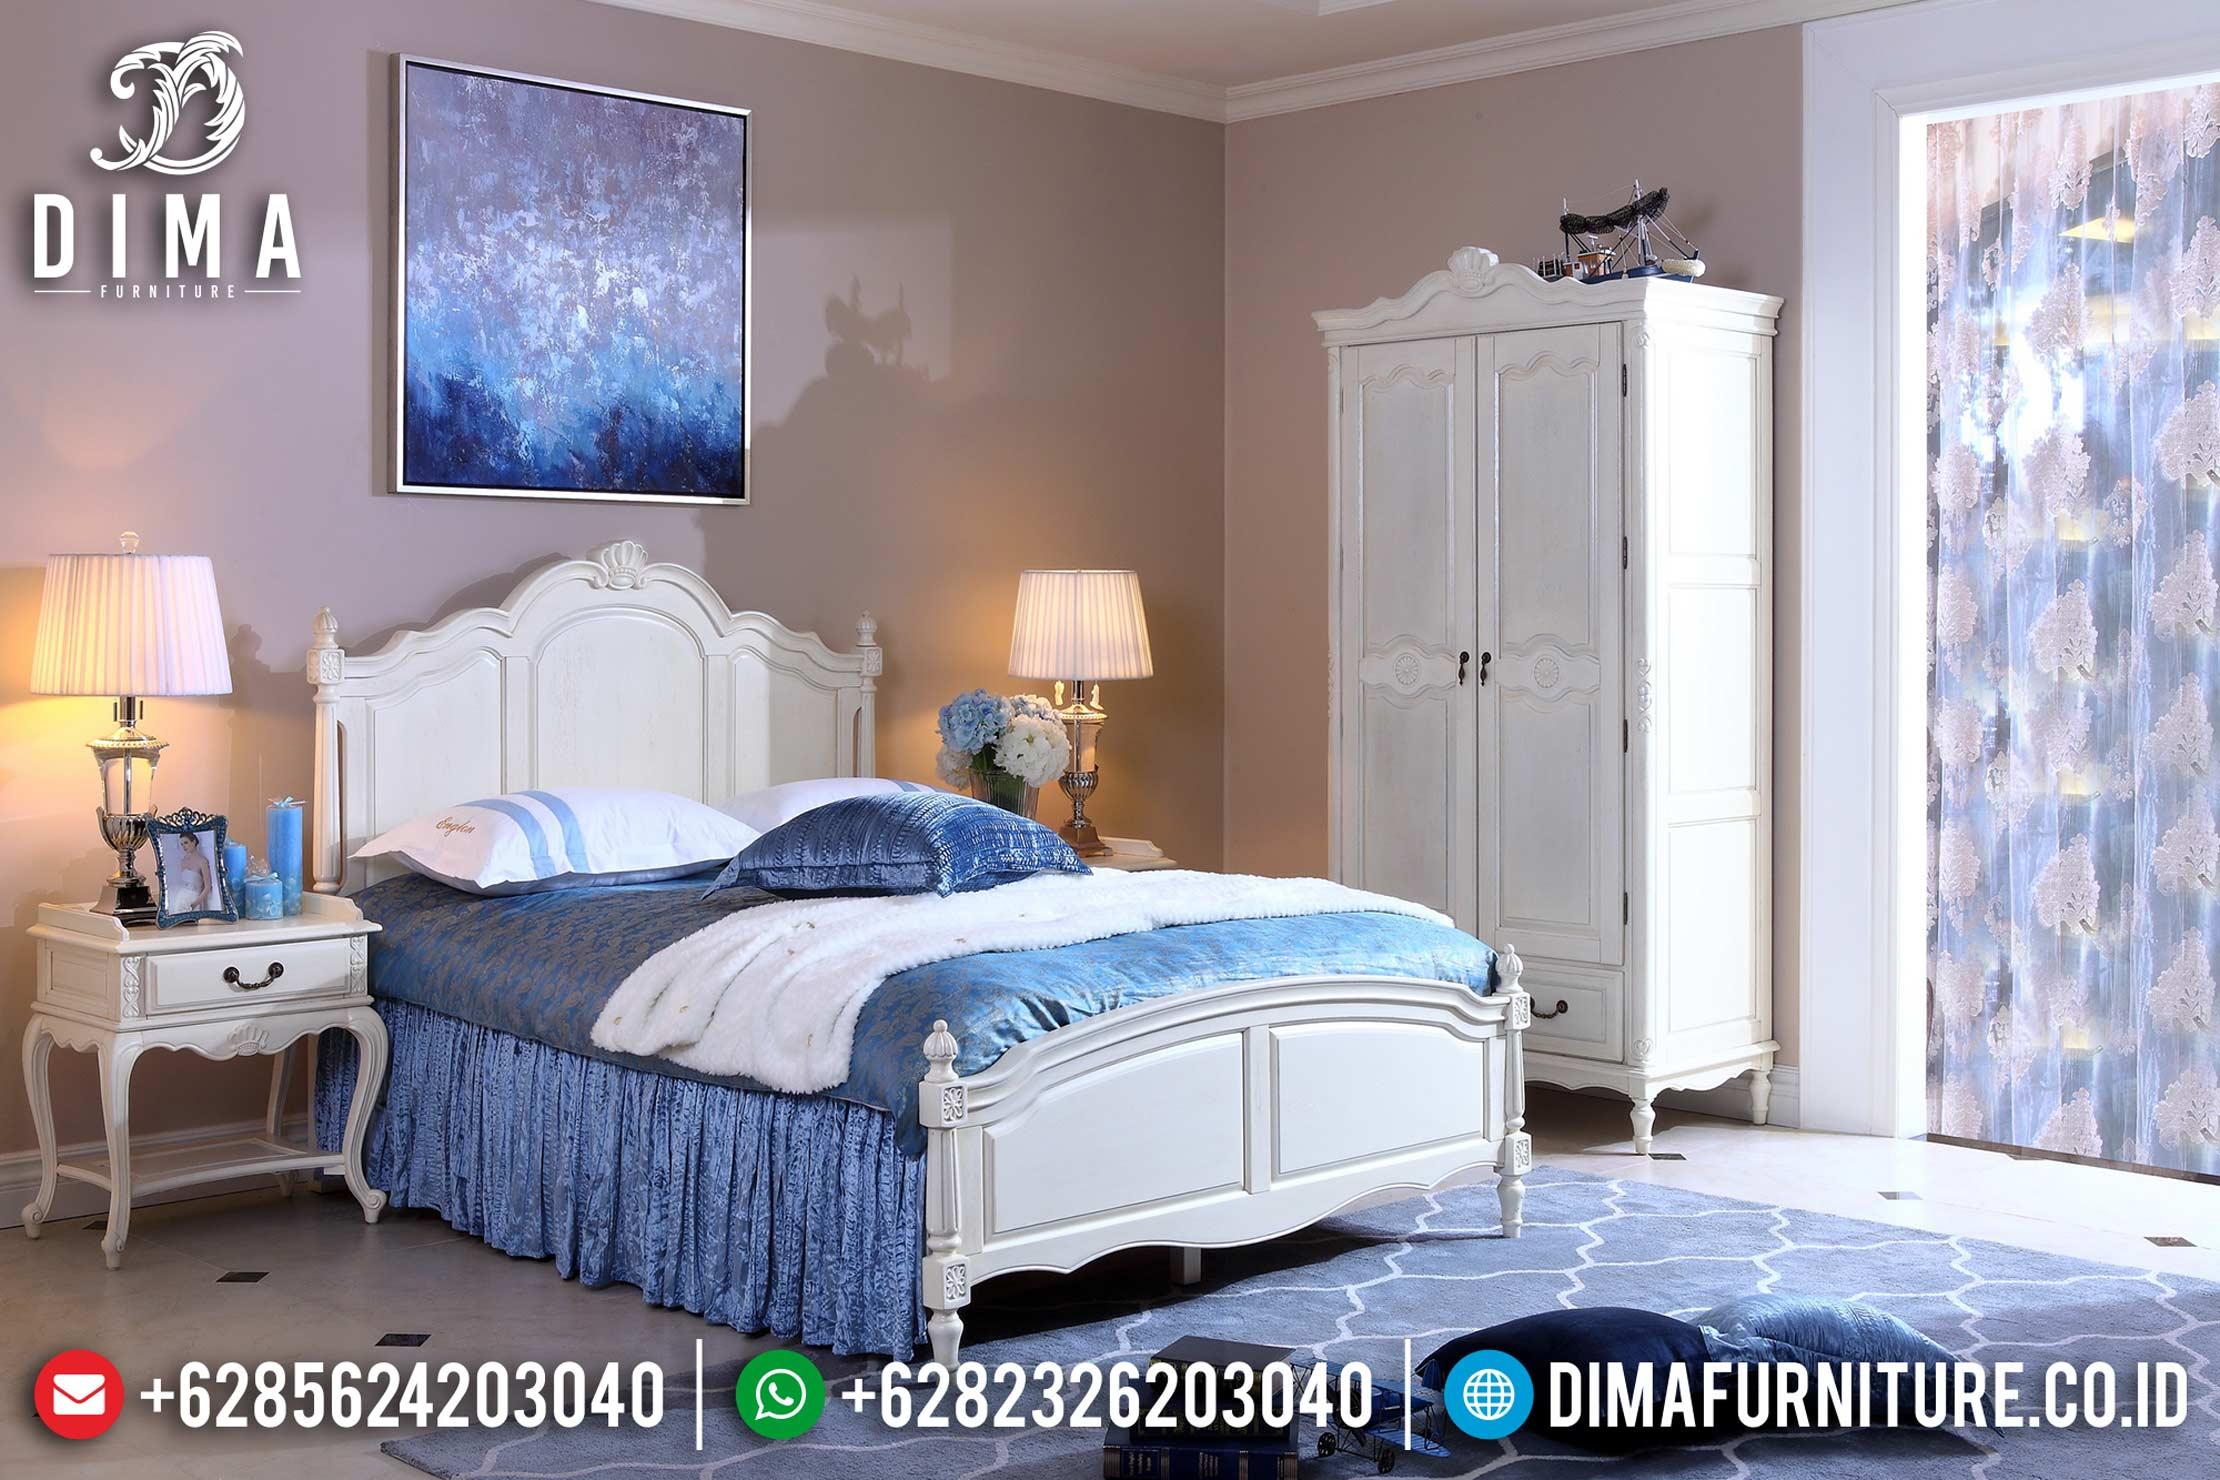 Kamar Set Jepara Minimalis, Kamar Tidur Set Mewah, Set Tempat Tidur Mewah Minimalis DF-0383